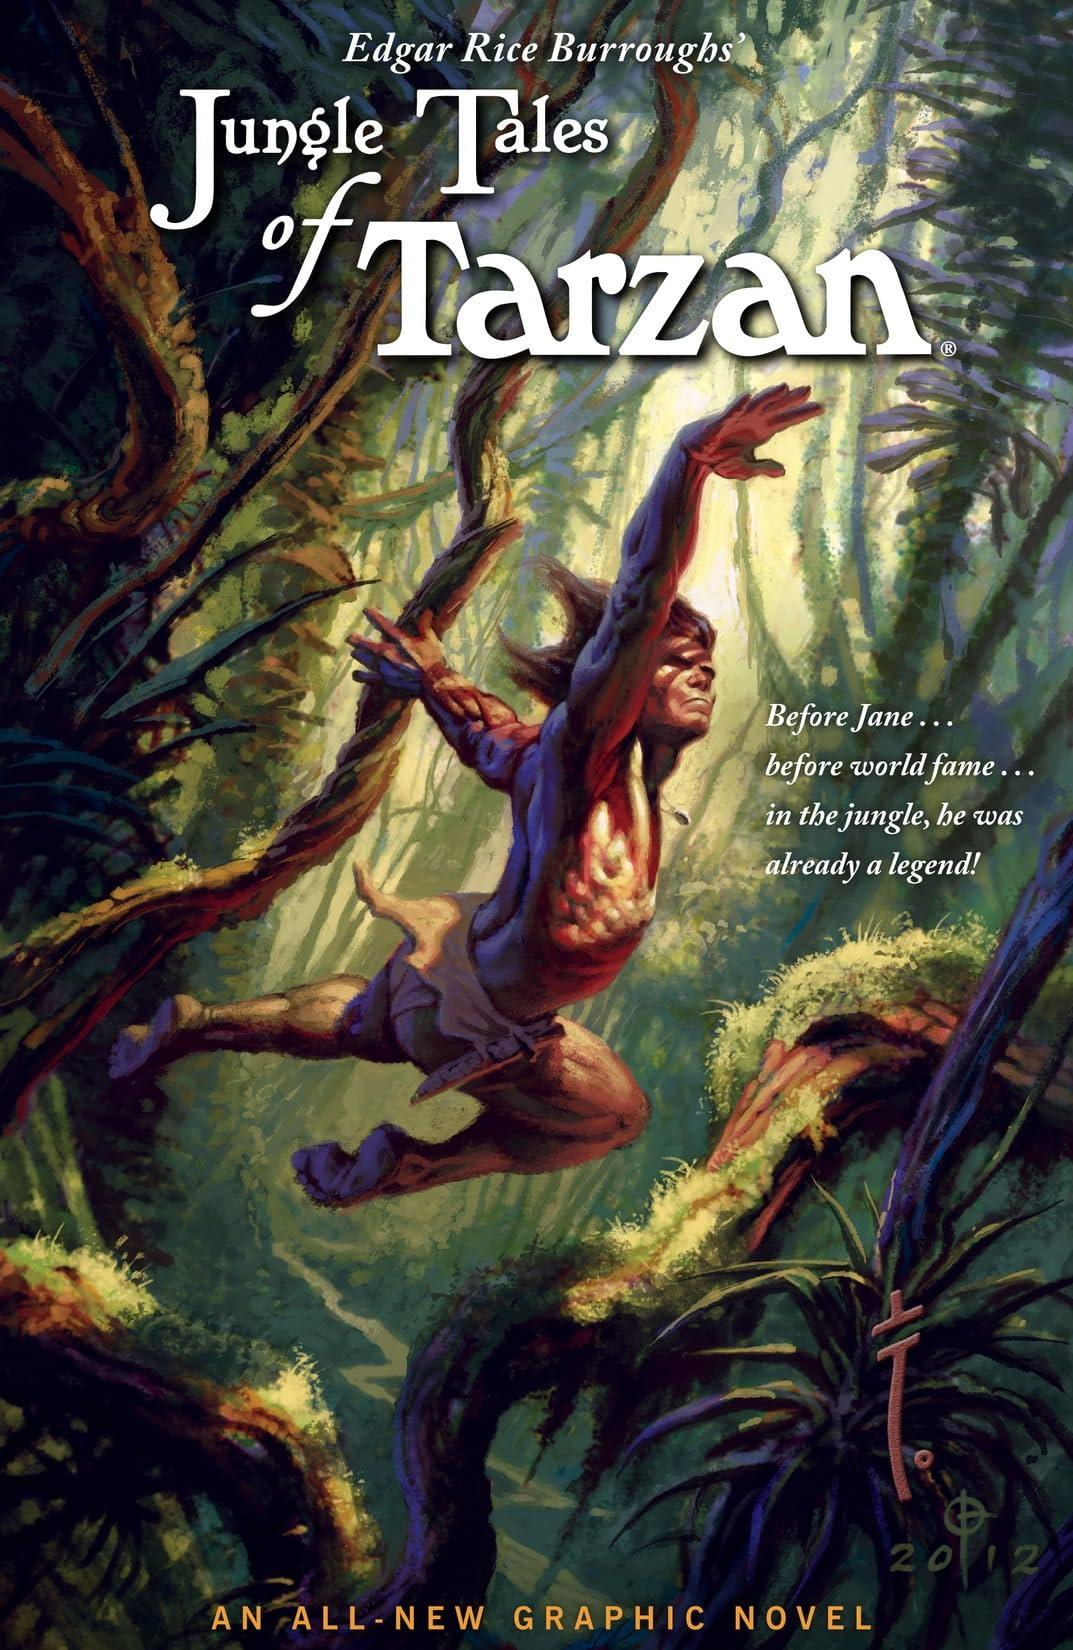 Edgar Rice Burroughs' Jungle Tales of Tarzan